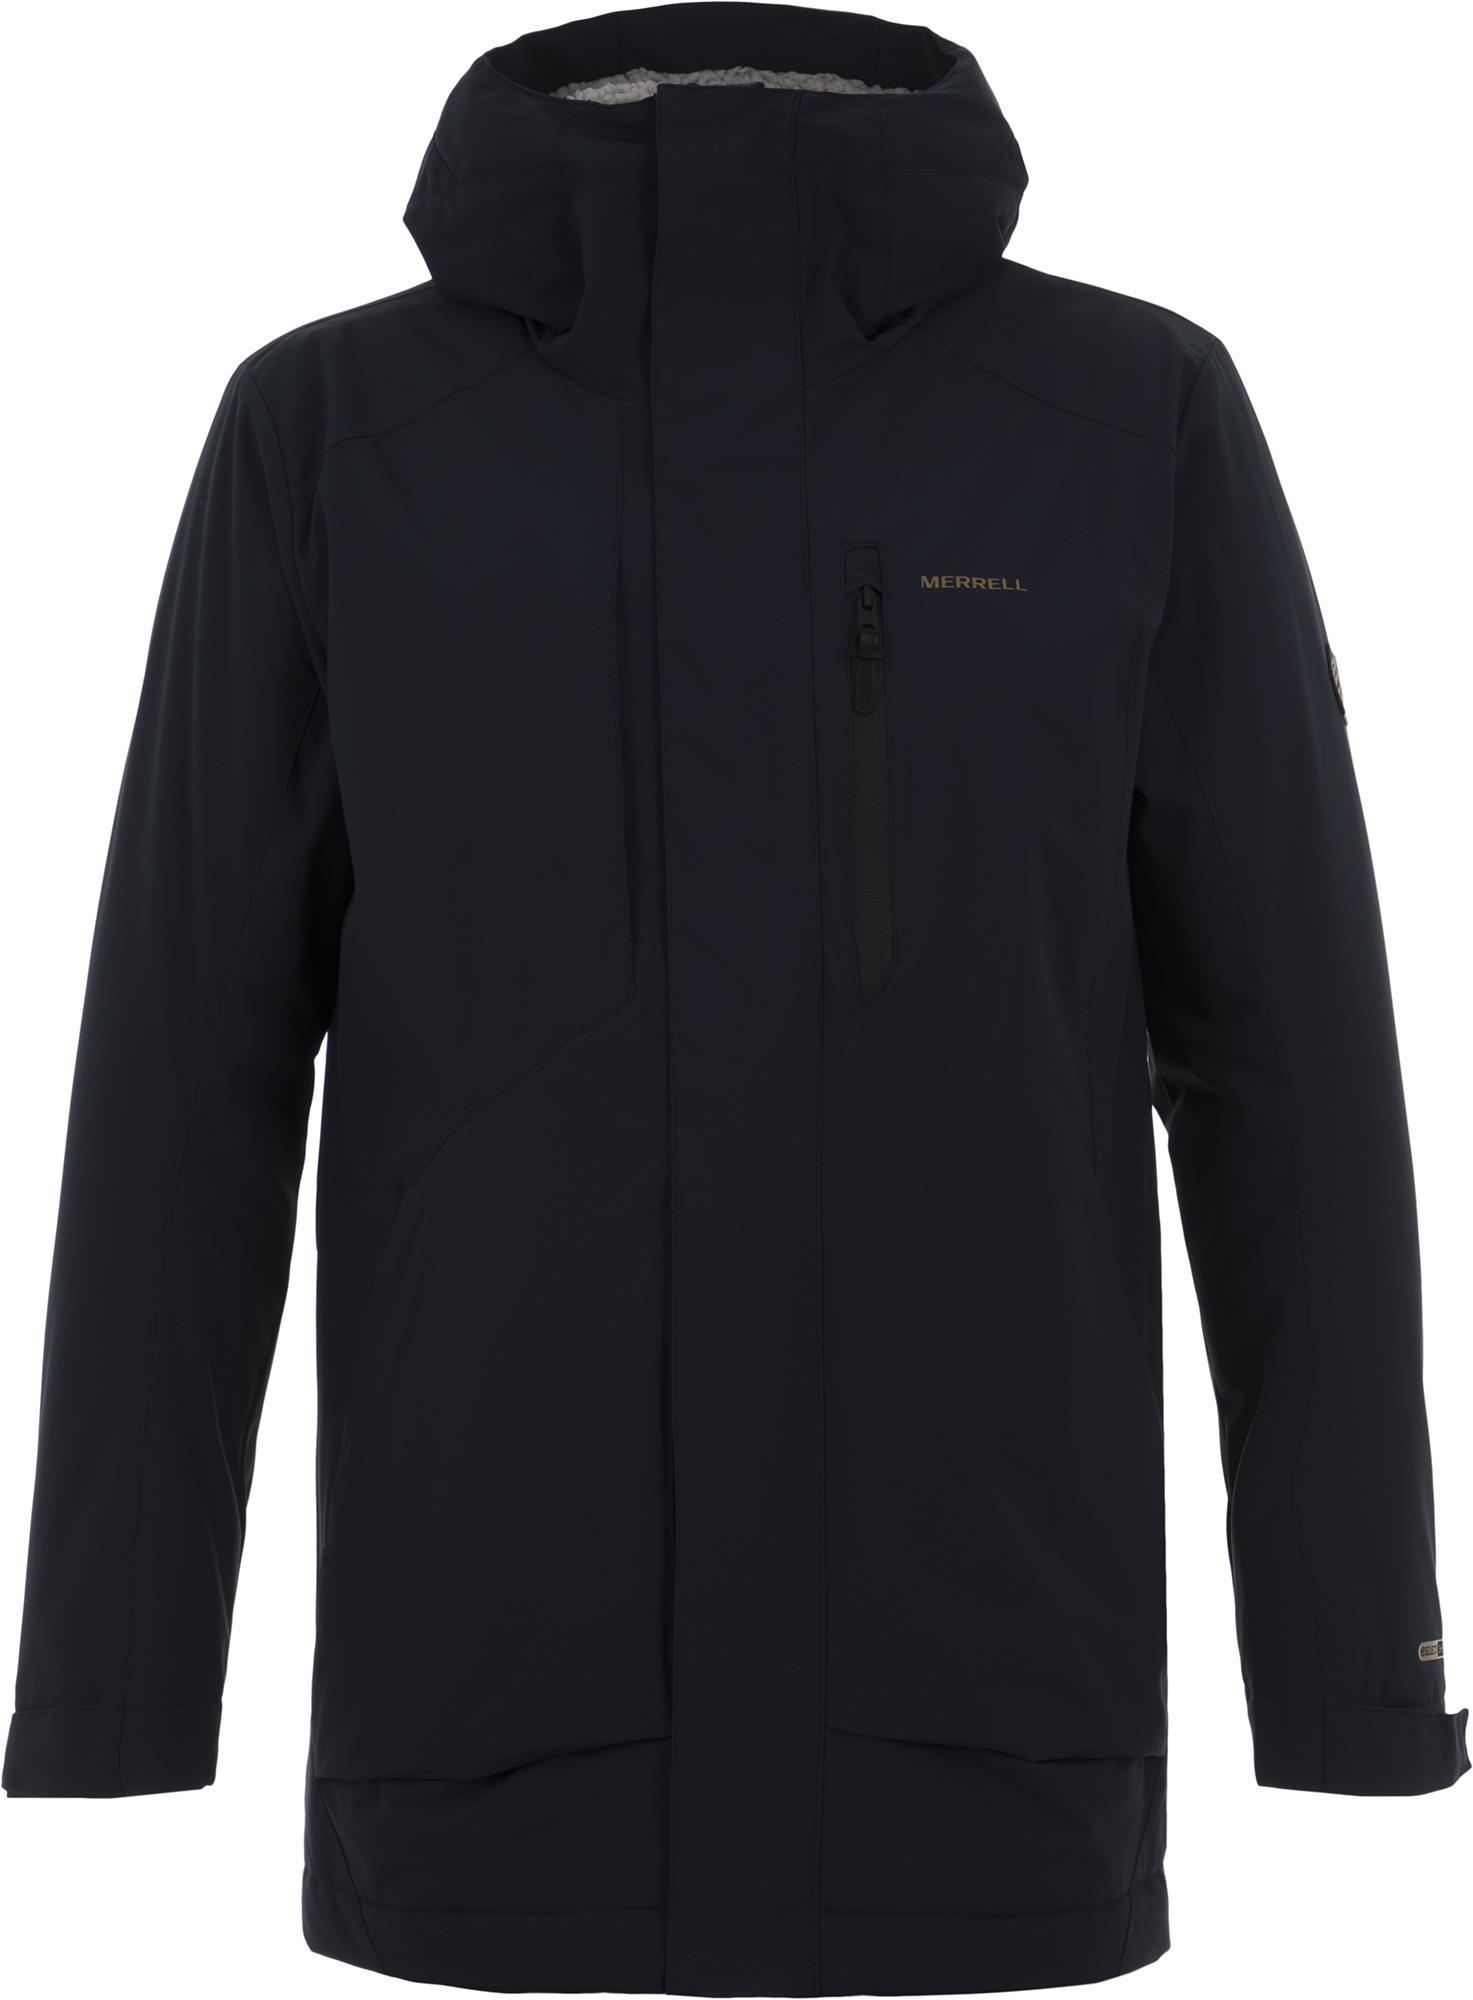 Куртка Merrell Men's Jacket длинная болоньевая куртка мужская